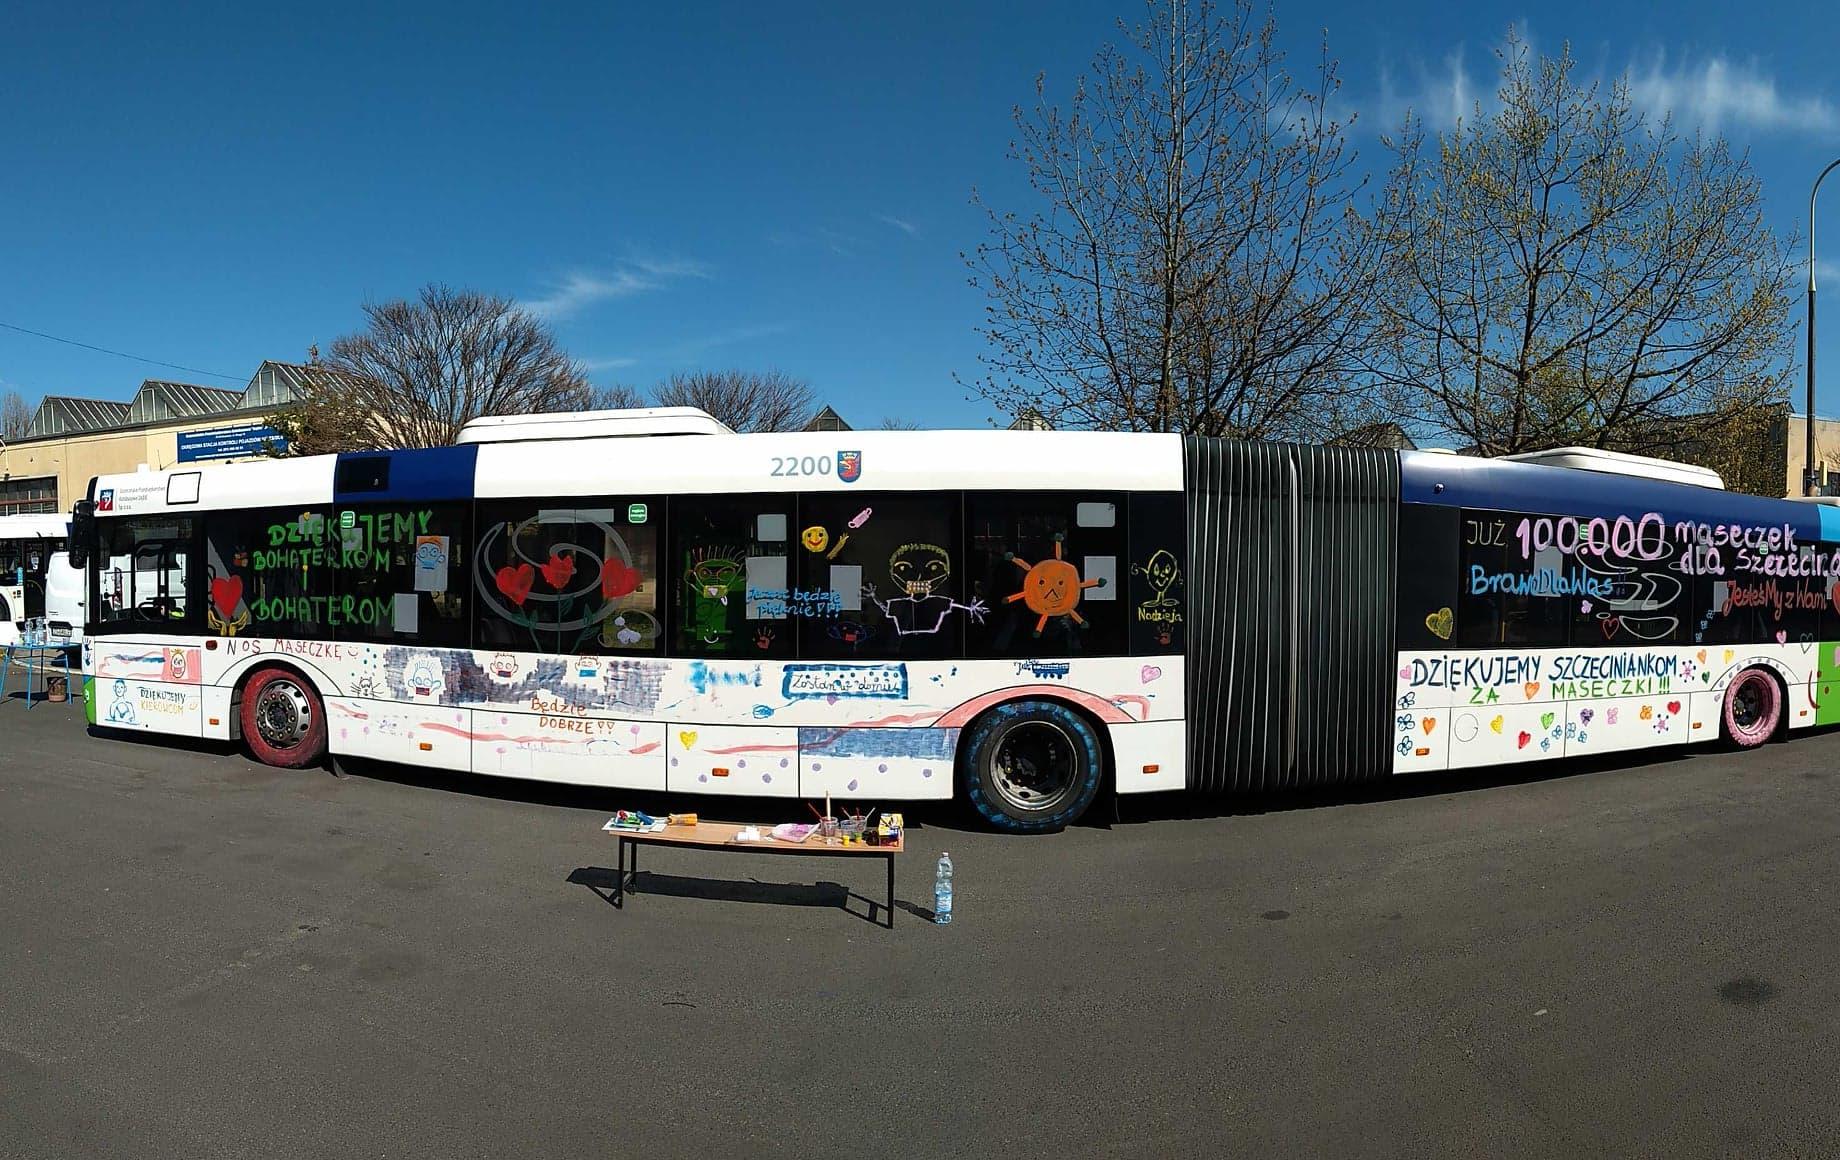 kolorowy autobus szczecinianki szyją maseczki